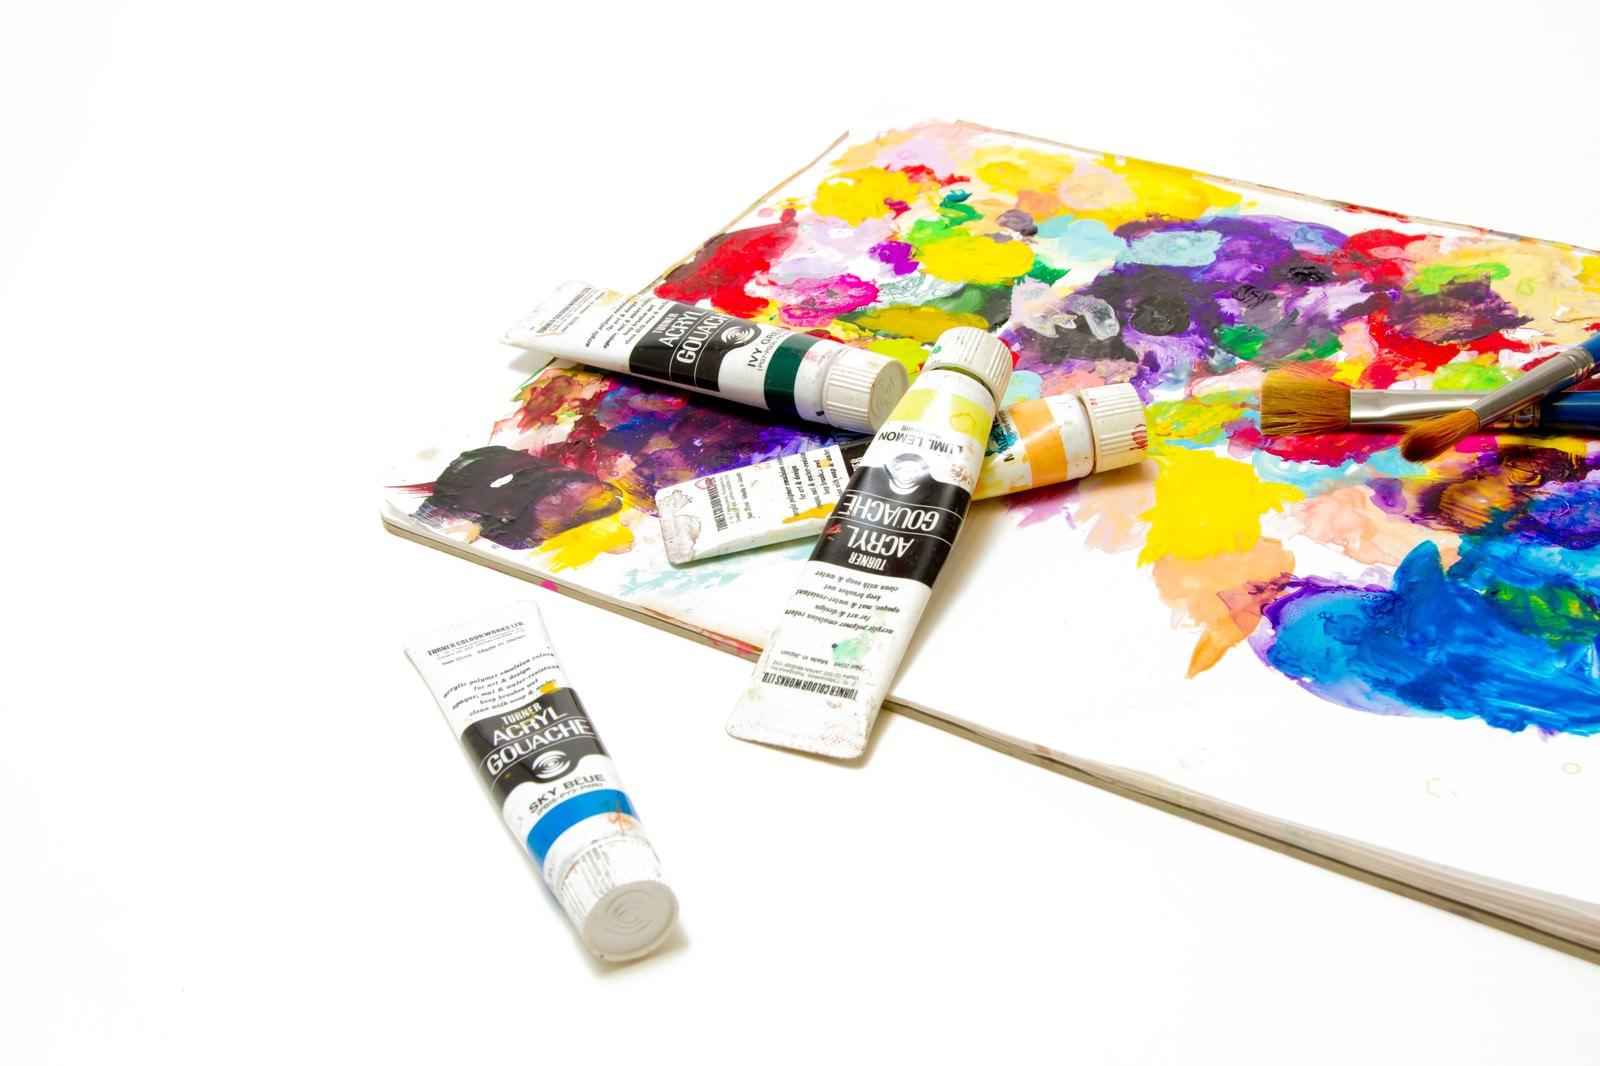 「絵の具とパレット」の写真